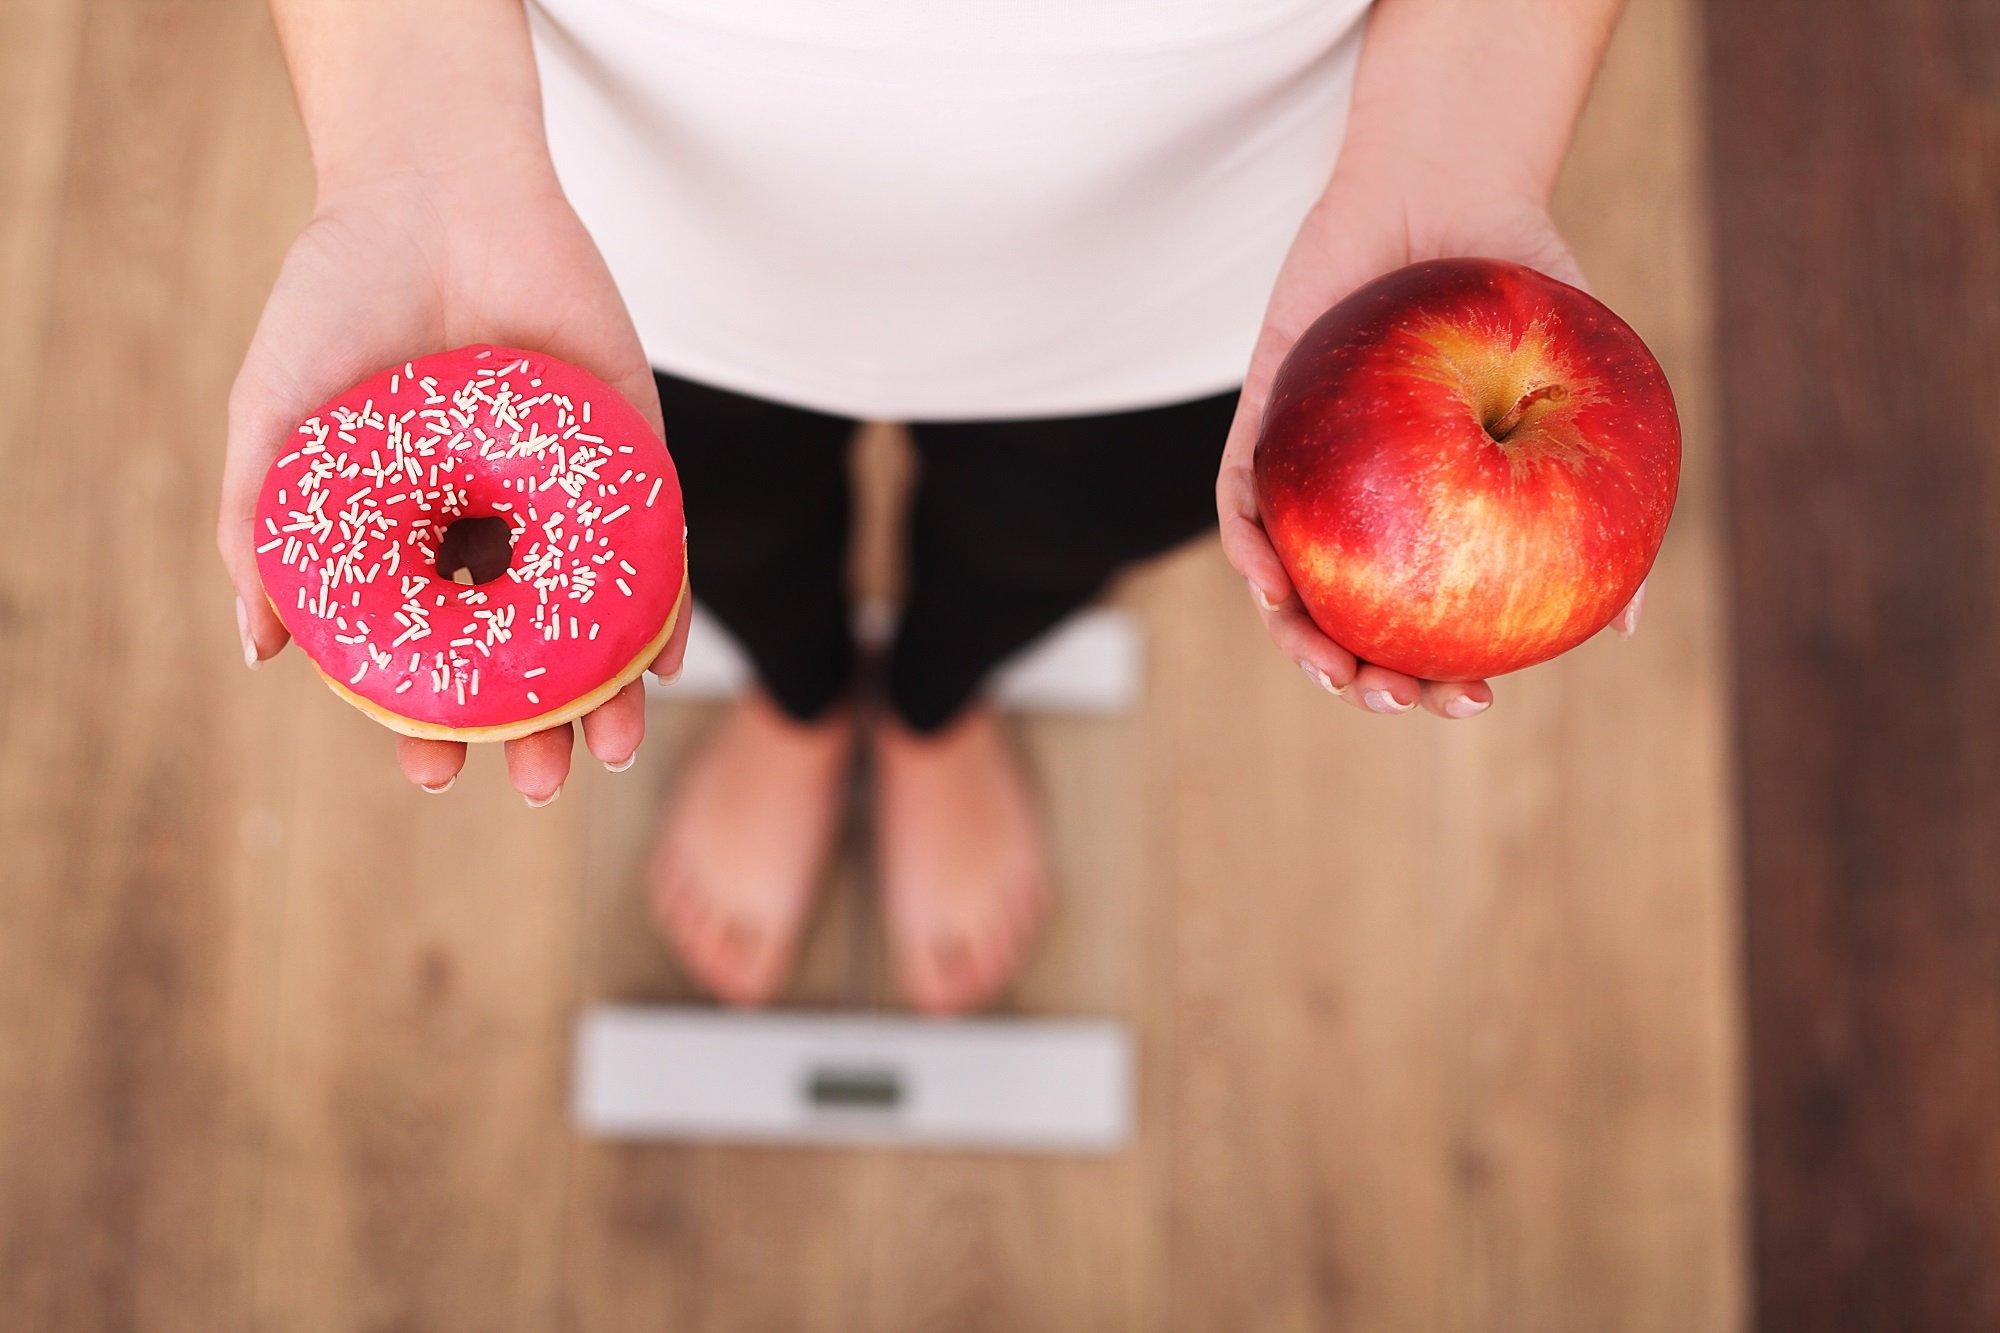 Meglio diminuire grassi o carboidrati?